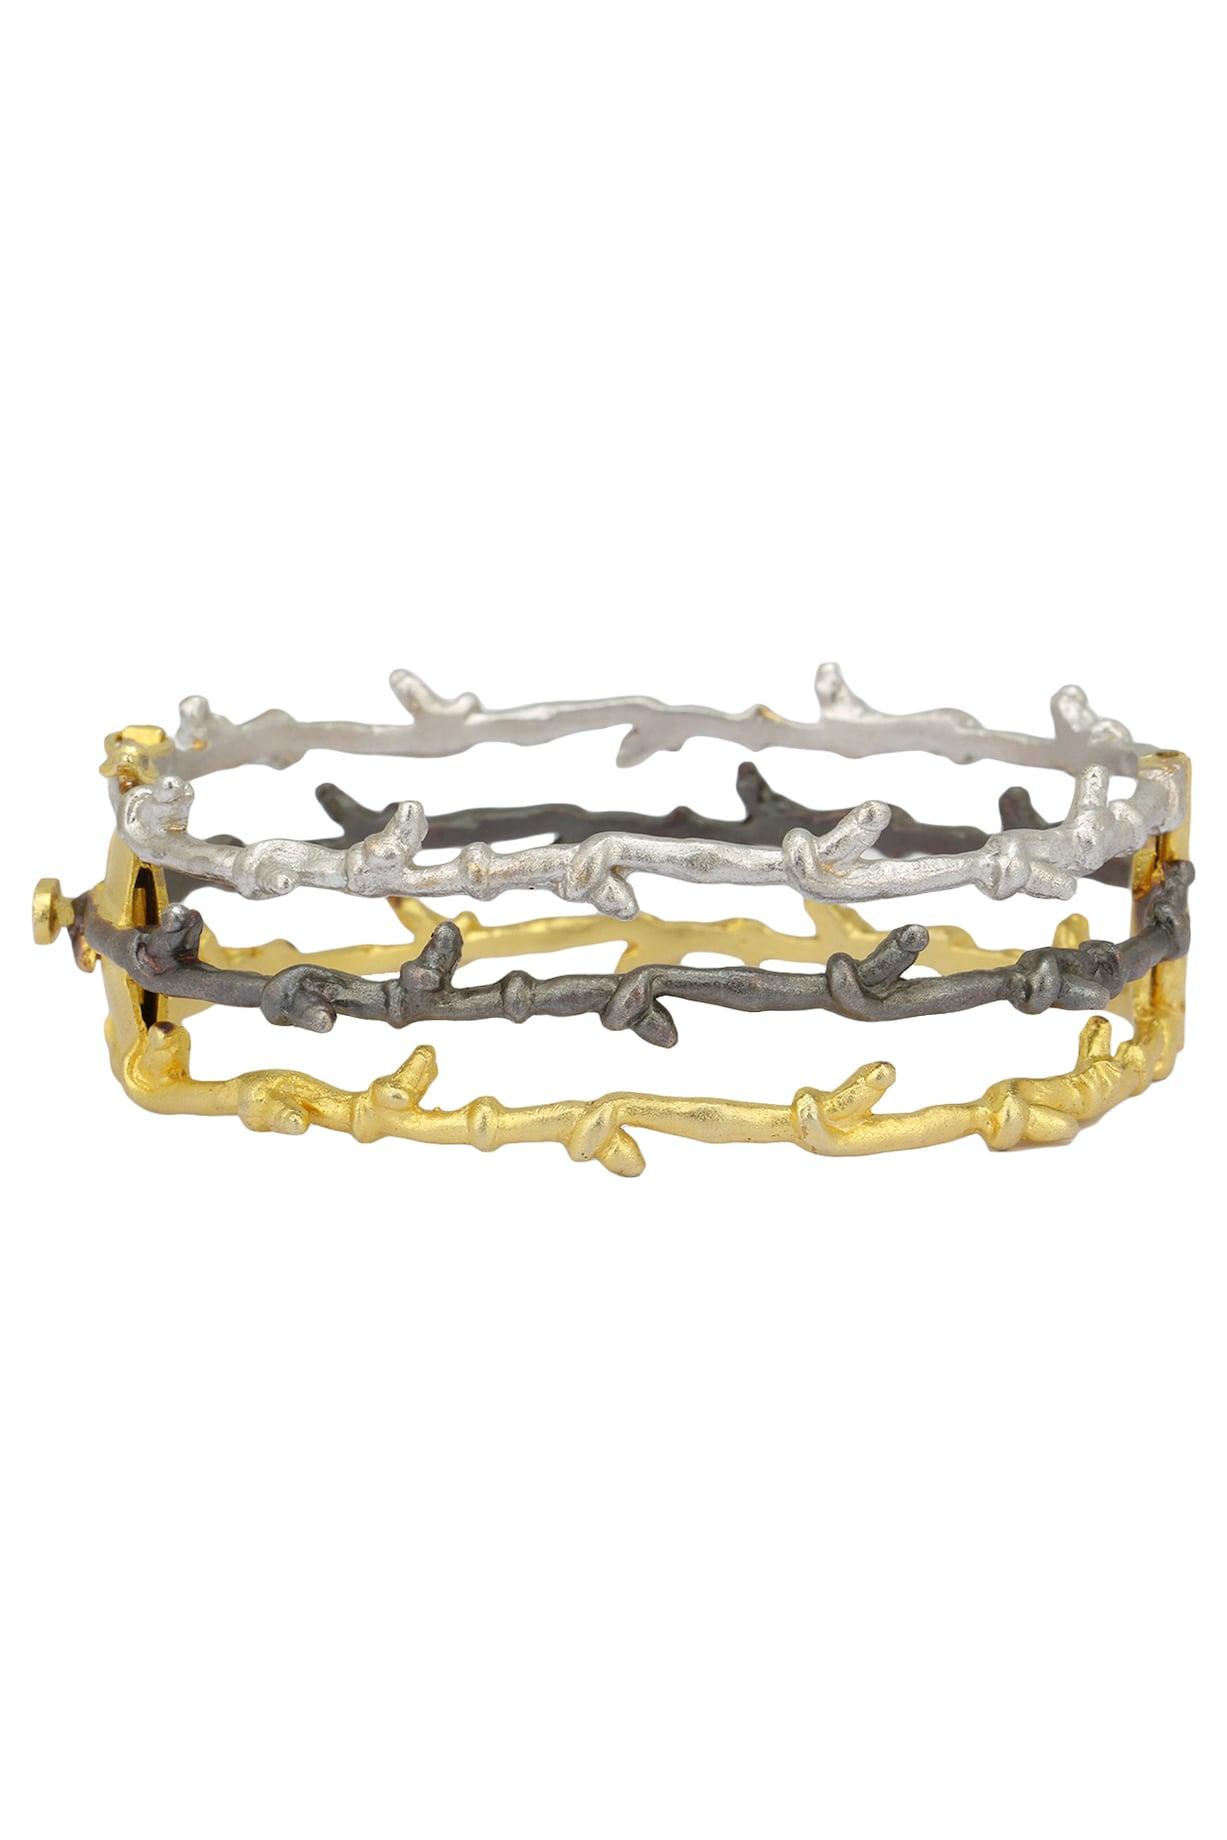 Limited Edition Bracelets